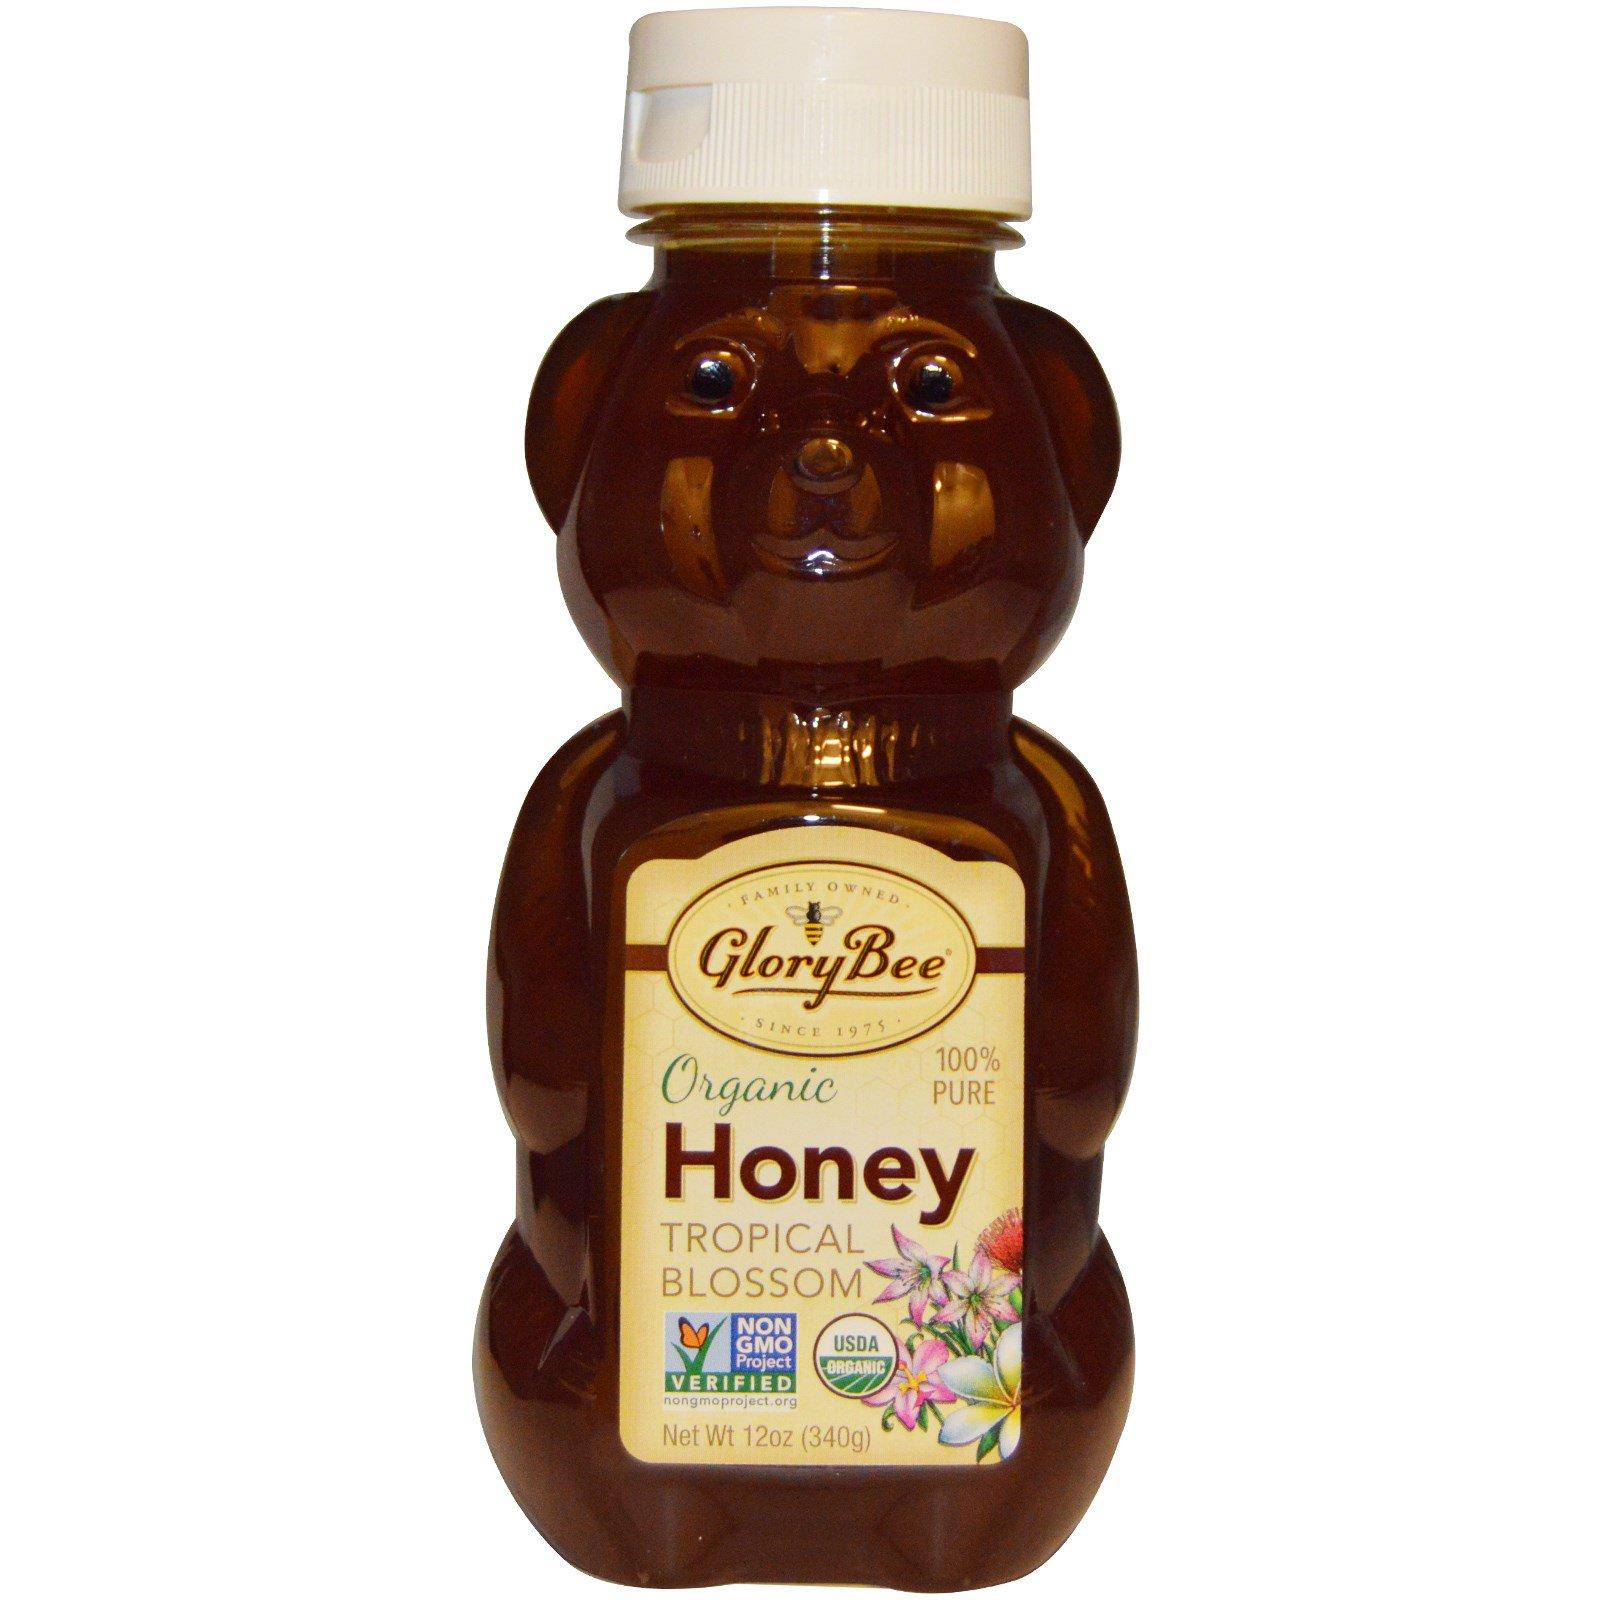 Tropical blossom honey